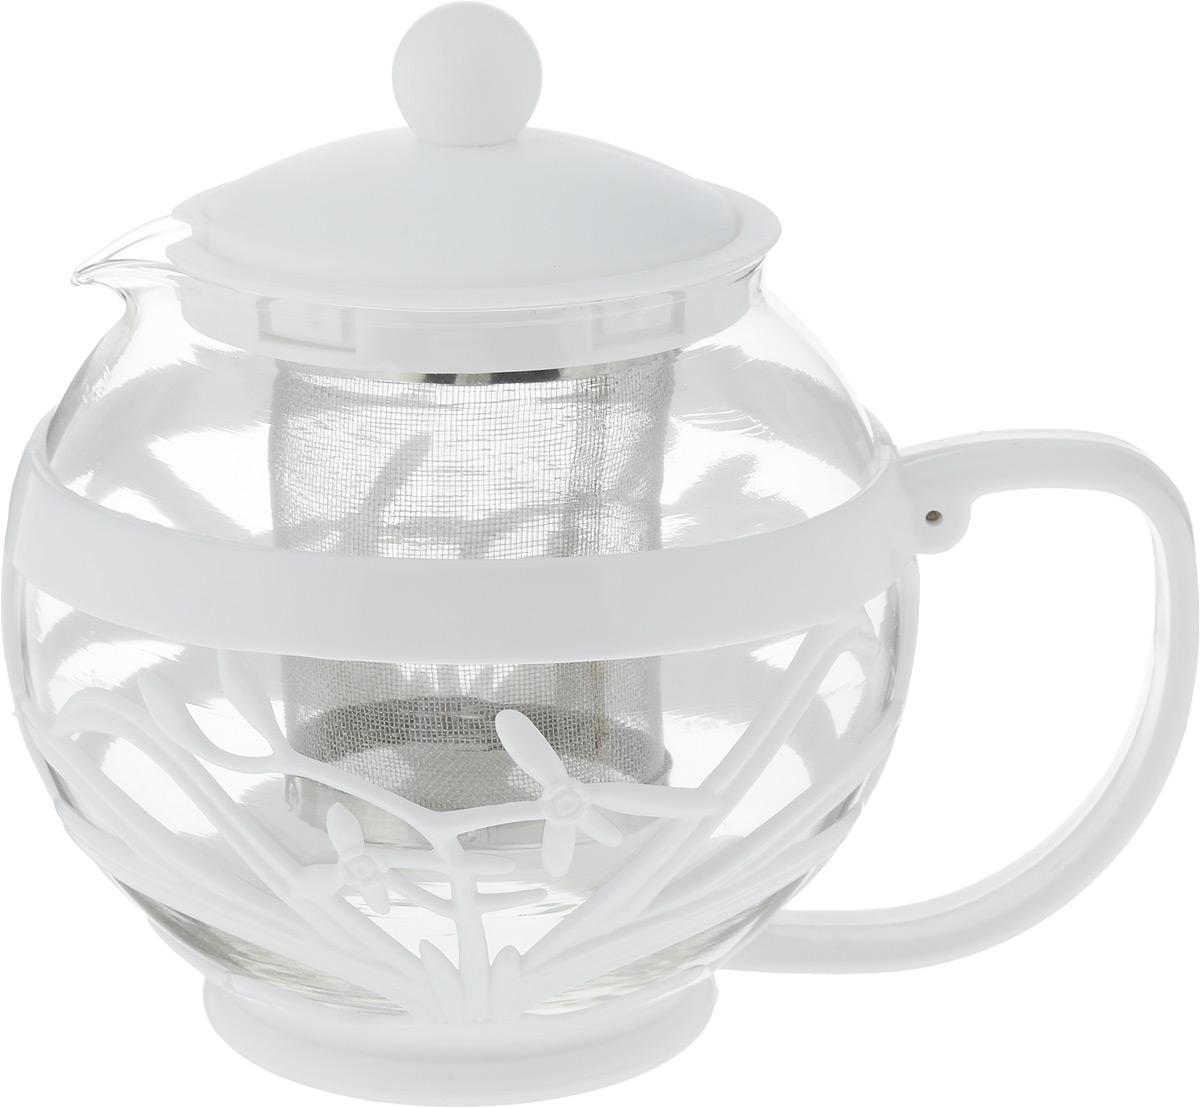 Чайник заварочный Menu Мелисса, с фильтром, цвет: прозрачный, белый, 750 млVT-1520(SR)Чайник Menu Мелисса изготовлен из прочного стекла и пластика. Он прекрасно подойдет для заваривания чая и травяных напитков. Классический стиль и оптимальный объем делают его удобным и оригинальным аксессуаром. Изделие имеет удлиненный металлический фильтр, который обеспечивает высокое качество фильтрации напитка и позволяет заварить чай даже при небольшом уровне воды. Ручка чайника не нагревается и обеспечивает безопасность использования. Нельзя мыть в посудомоечной машине. Диаметр чайника (по верхнему краю): 8 см.Высота чайника (без учета крышки): 11 см.Размер фильтра: 6 х 6 х 7,2 см.